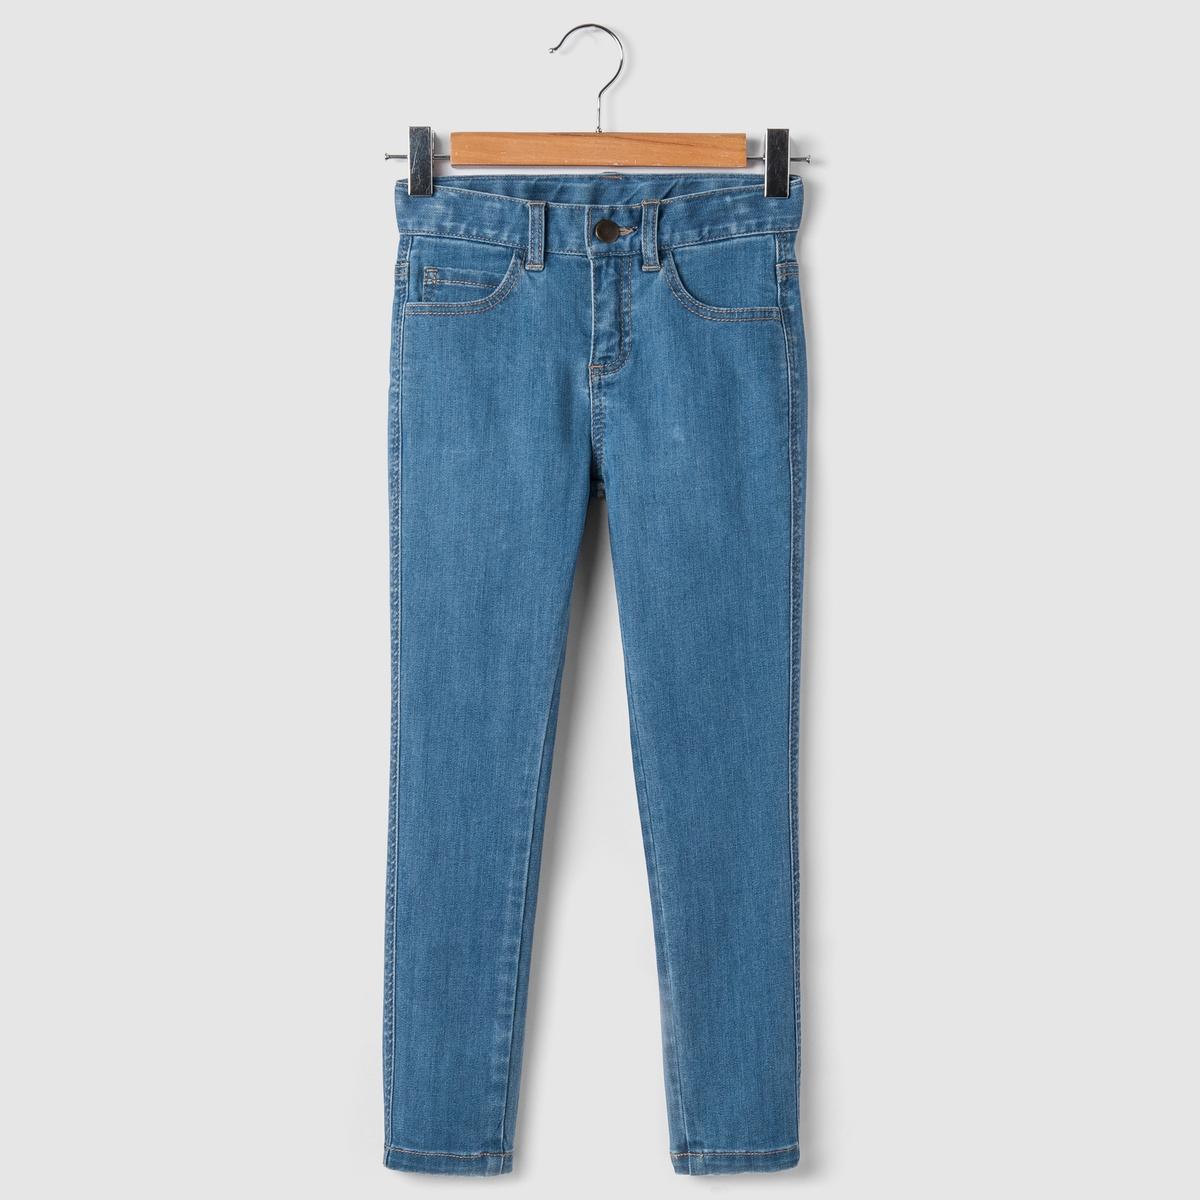 Джинсы узкие, 3-12 летУзкие джинсы, пояс со шлевками регулируется внутренней резинкой на пуговице. Застежка на молнию и кнопки. 2 передних кармана + 1 часовой карман. 2 кармана сзади.Состав и описание : Материал       деним 58% хлопка, 42% полиэстера для вытертой модели, светло-бежевого и бежевого цветов 99% хлопка, 1% эластана для серого цветаМарка       R essentielУход :Машинная стирка при 30 °C с вещами схожих цветов.Стирать и гладить с изнаночной стороны.Машинная сушка в обычном режиме.Гладить при средней температуре.<br><br>Цвет: голубой потертый<br>Размер: 5 лет - 108 см